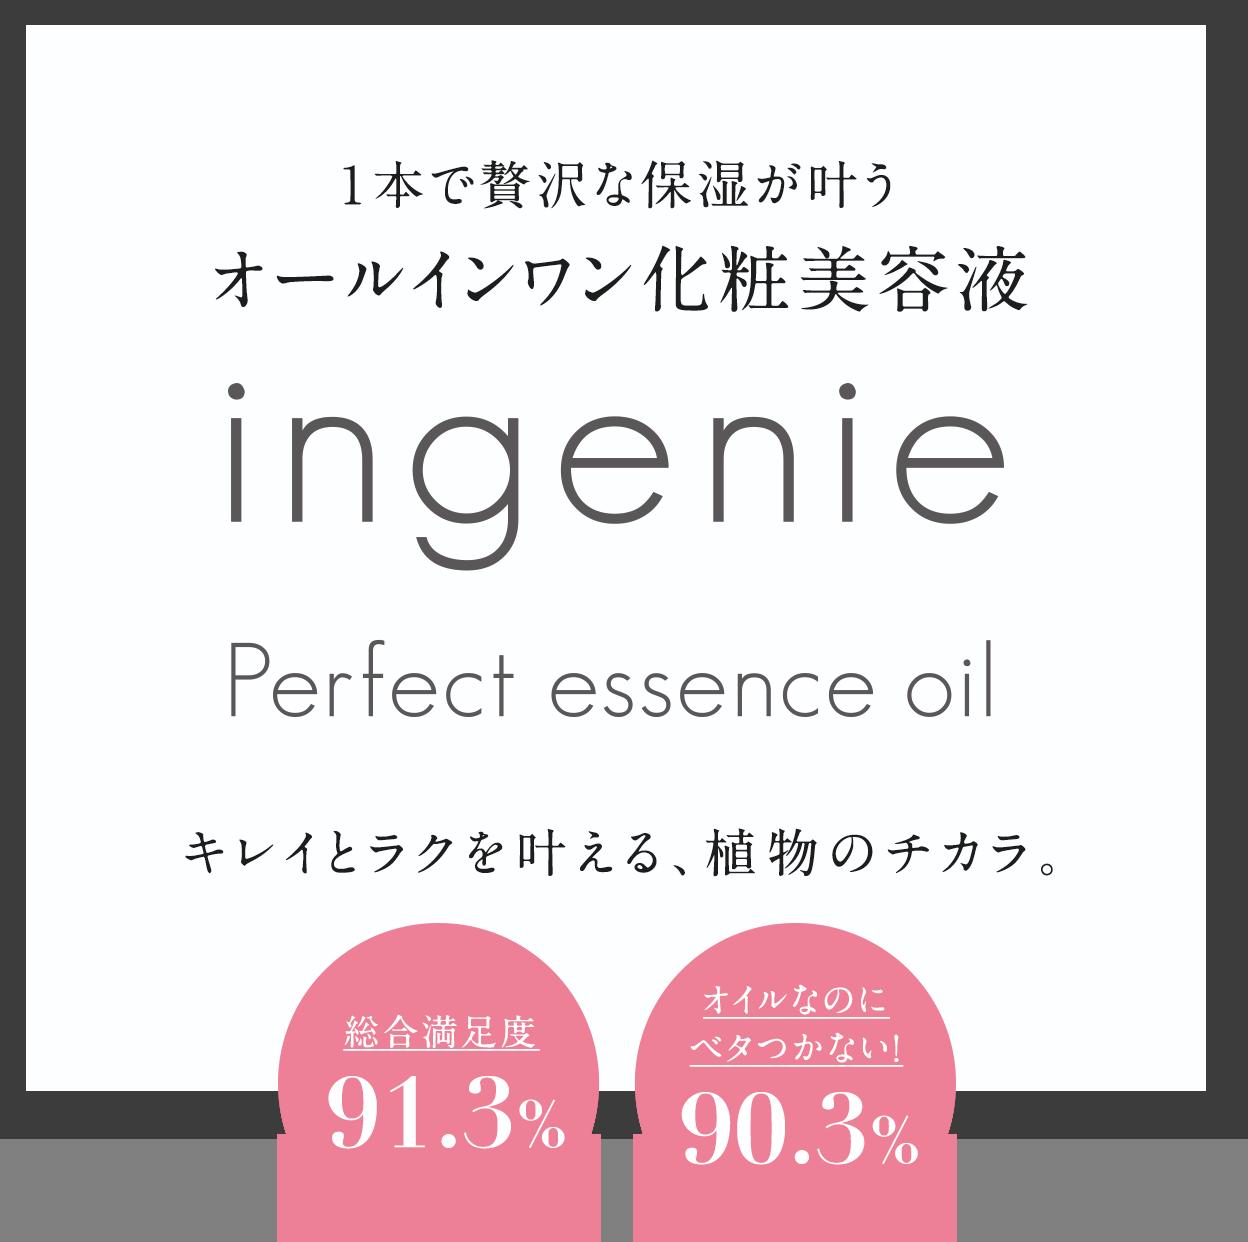 1本で贅沢な保湿が叶うオールインワン化粧美容液ingenie Perfect essence oil キレイとラクを叶える、植物のチカラ。総合満足度91.3%オイルなのにベタつかない!90.3%